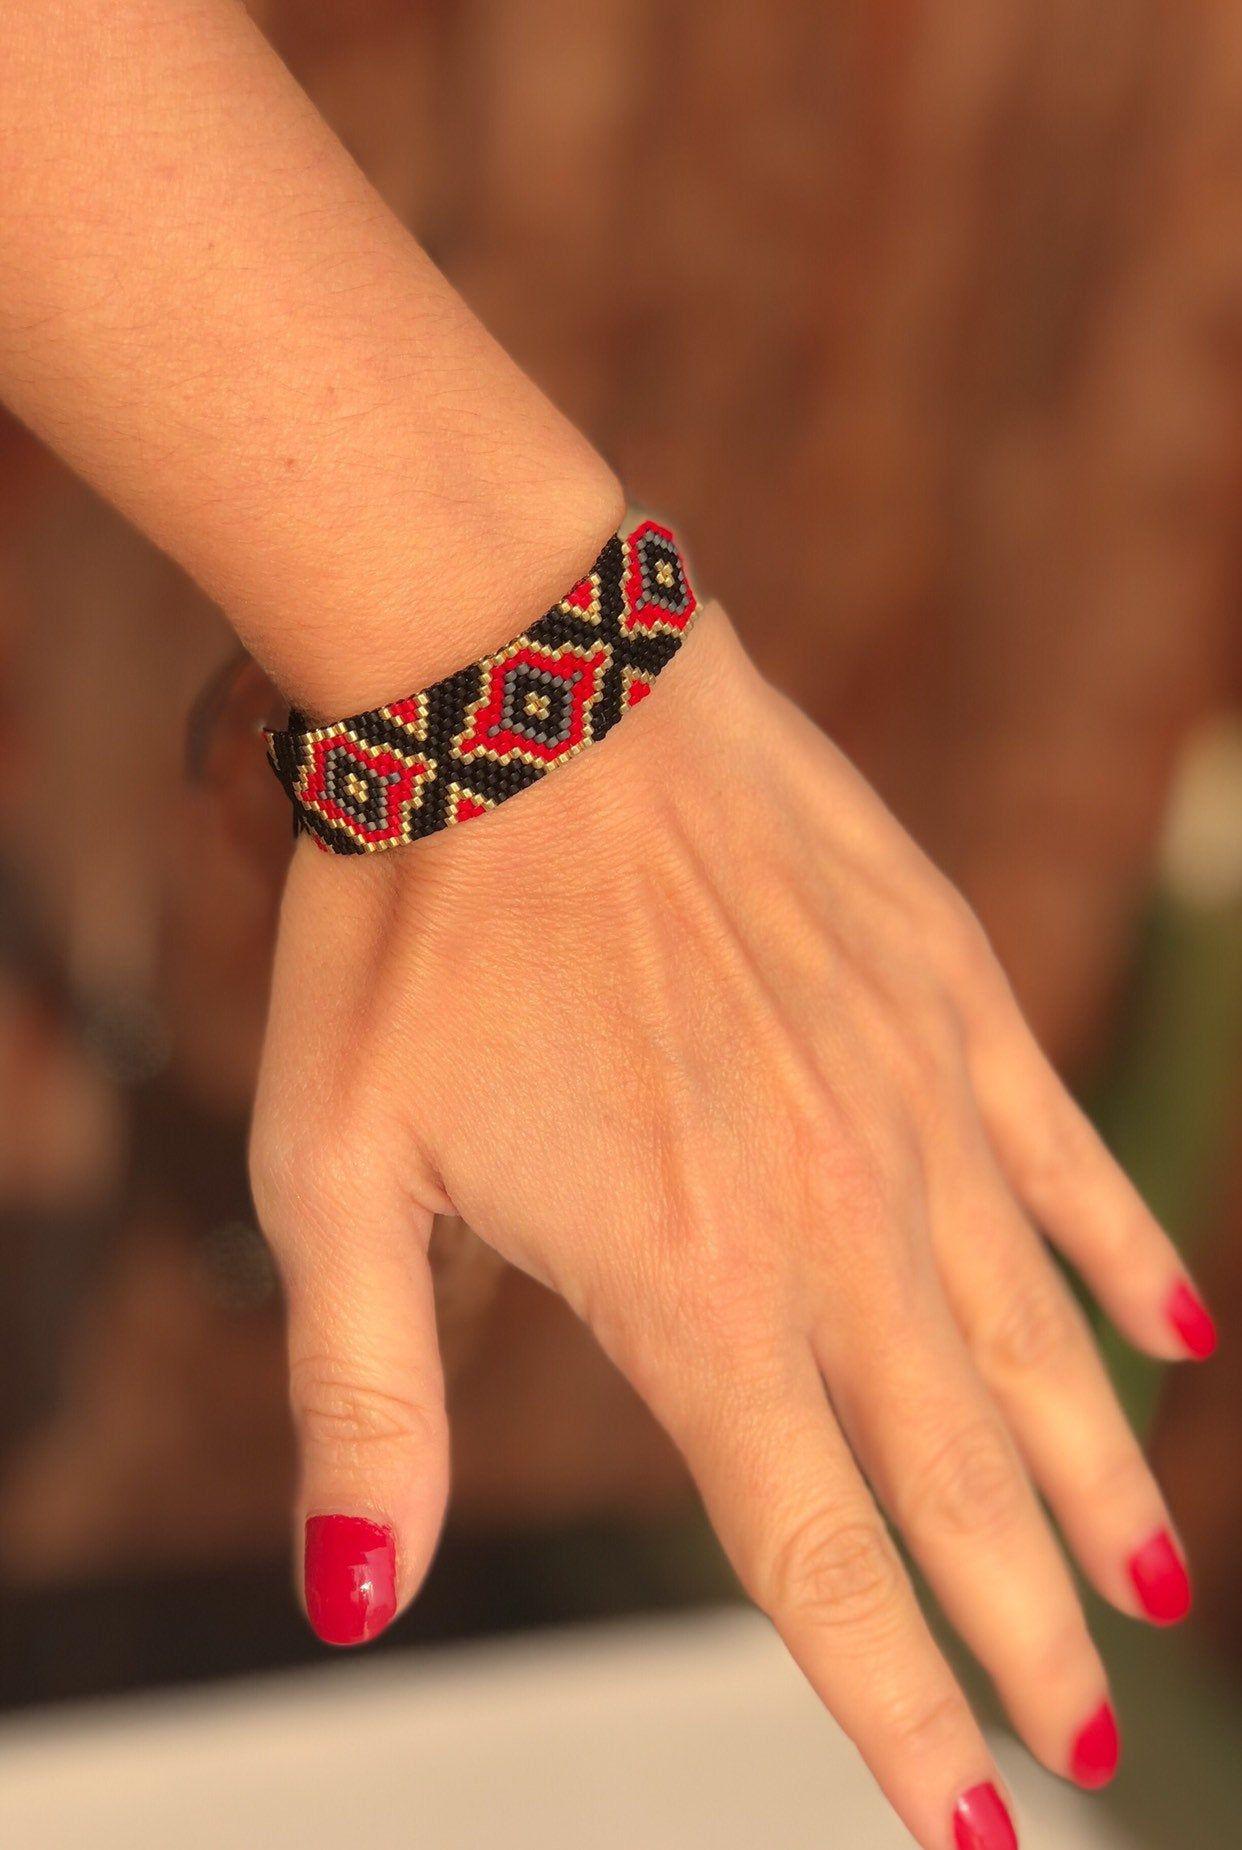 Pulsera de diseño especial miyuki cuentas, pulsera de oro negro y rojo para las mujeres, pulsera de moda, pulsera de perlas miyuki para regalo